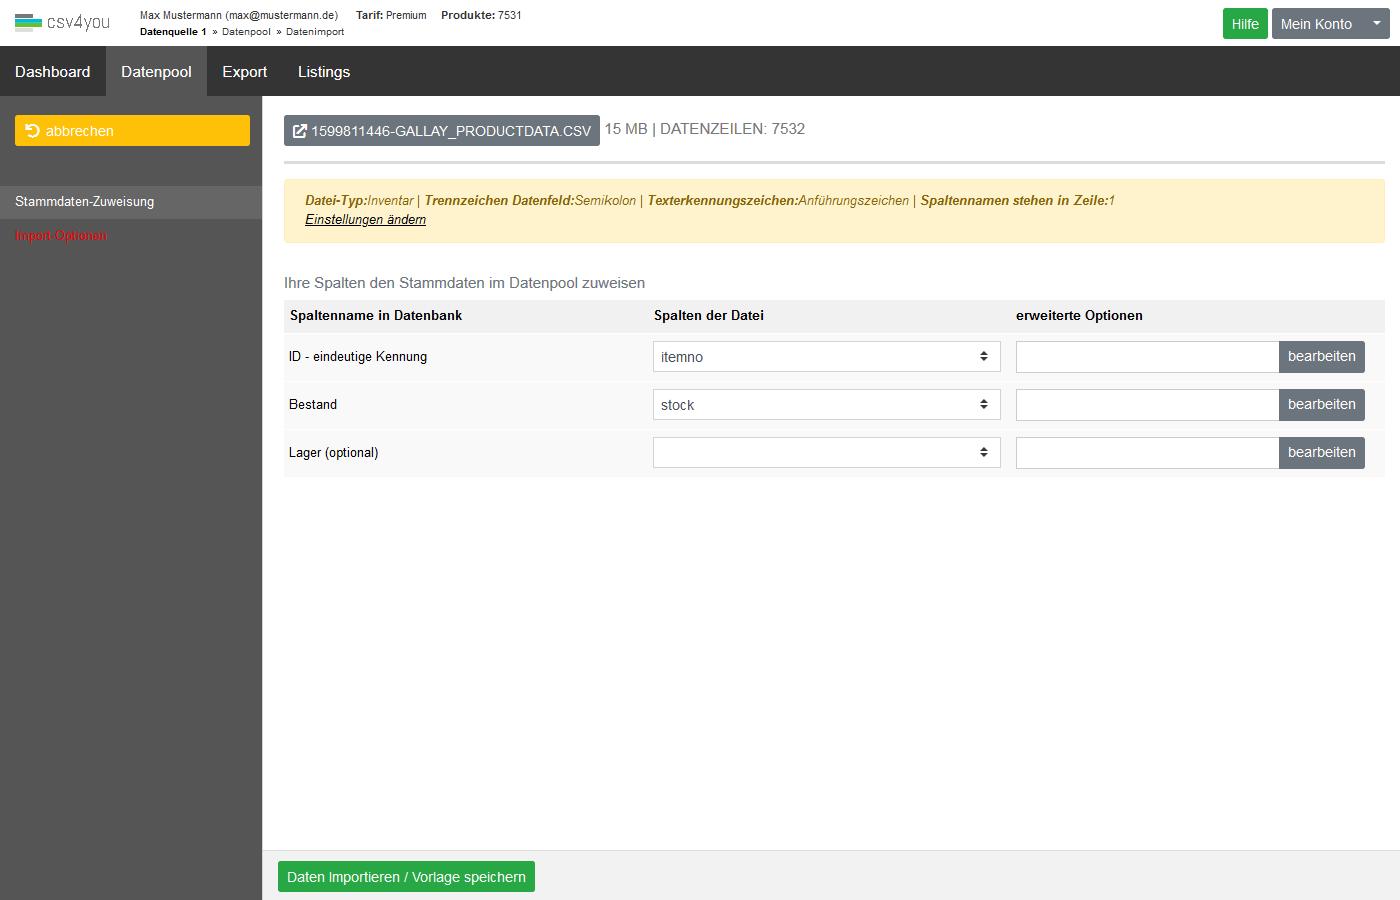 Datenpool - Datenimport Bestand - Spaltenzuweisungen und Importoptionen